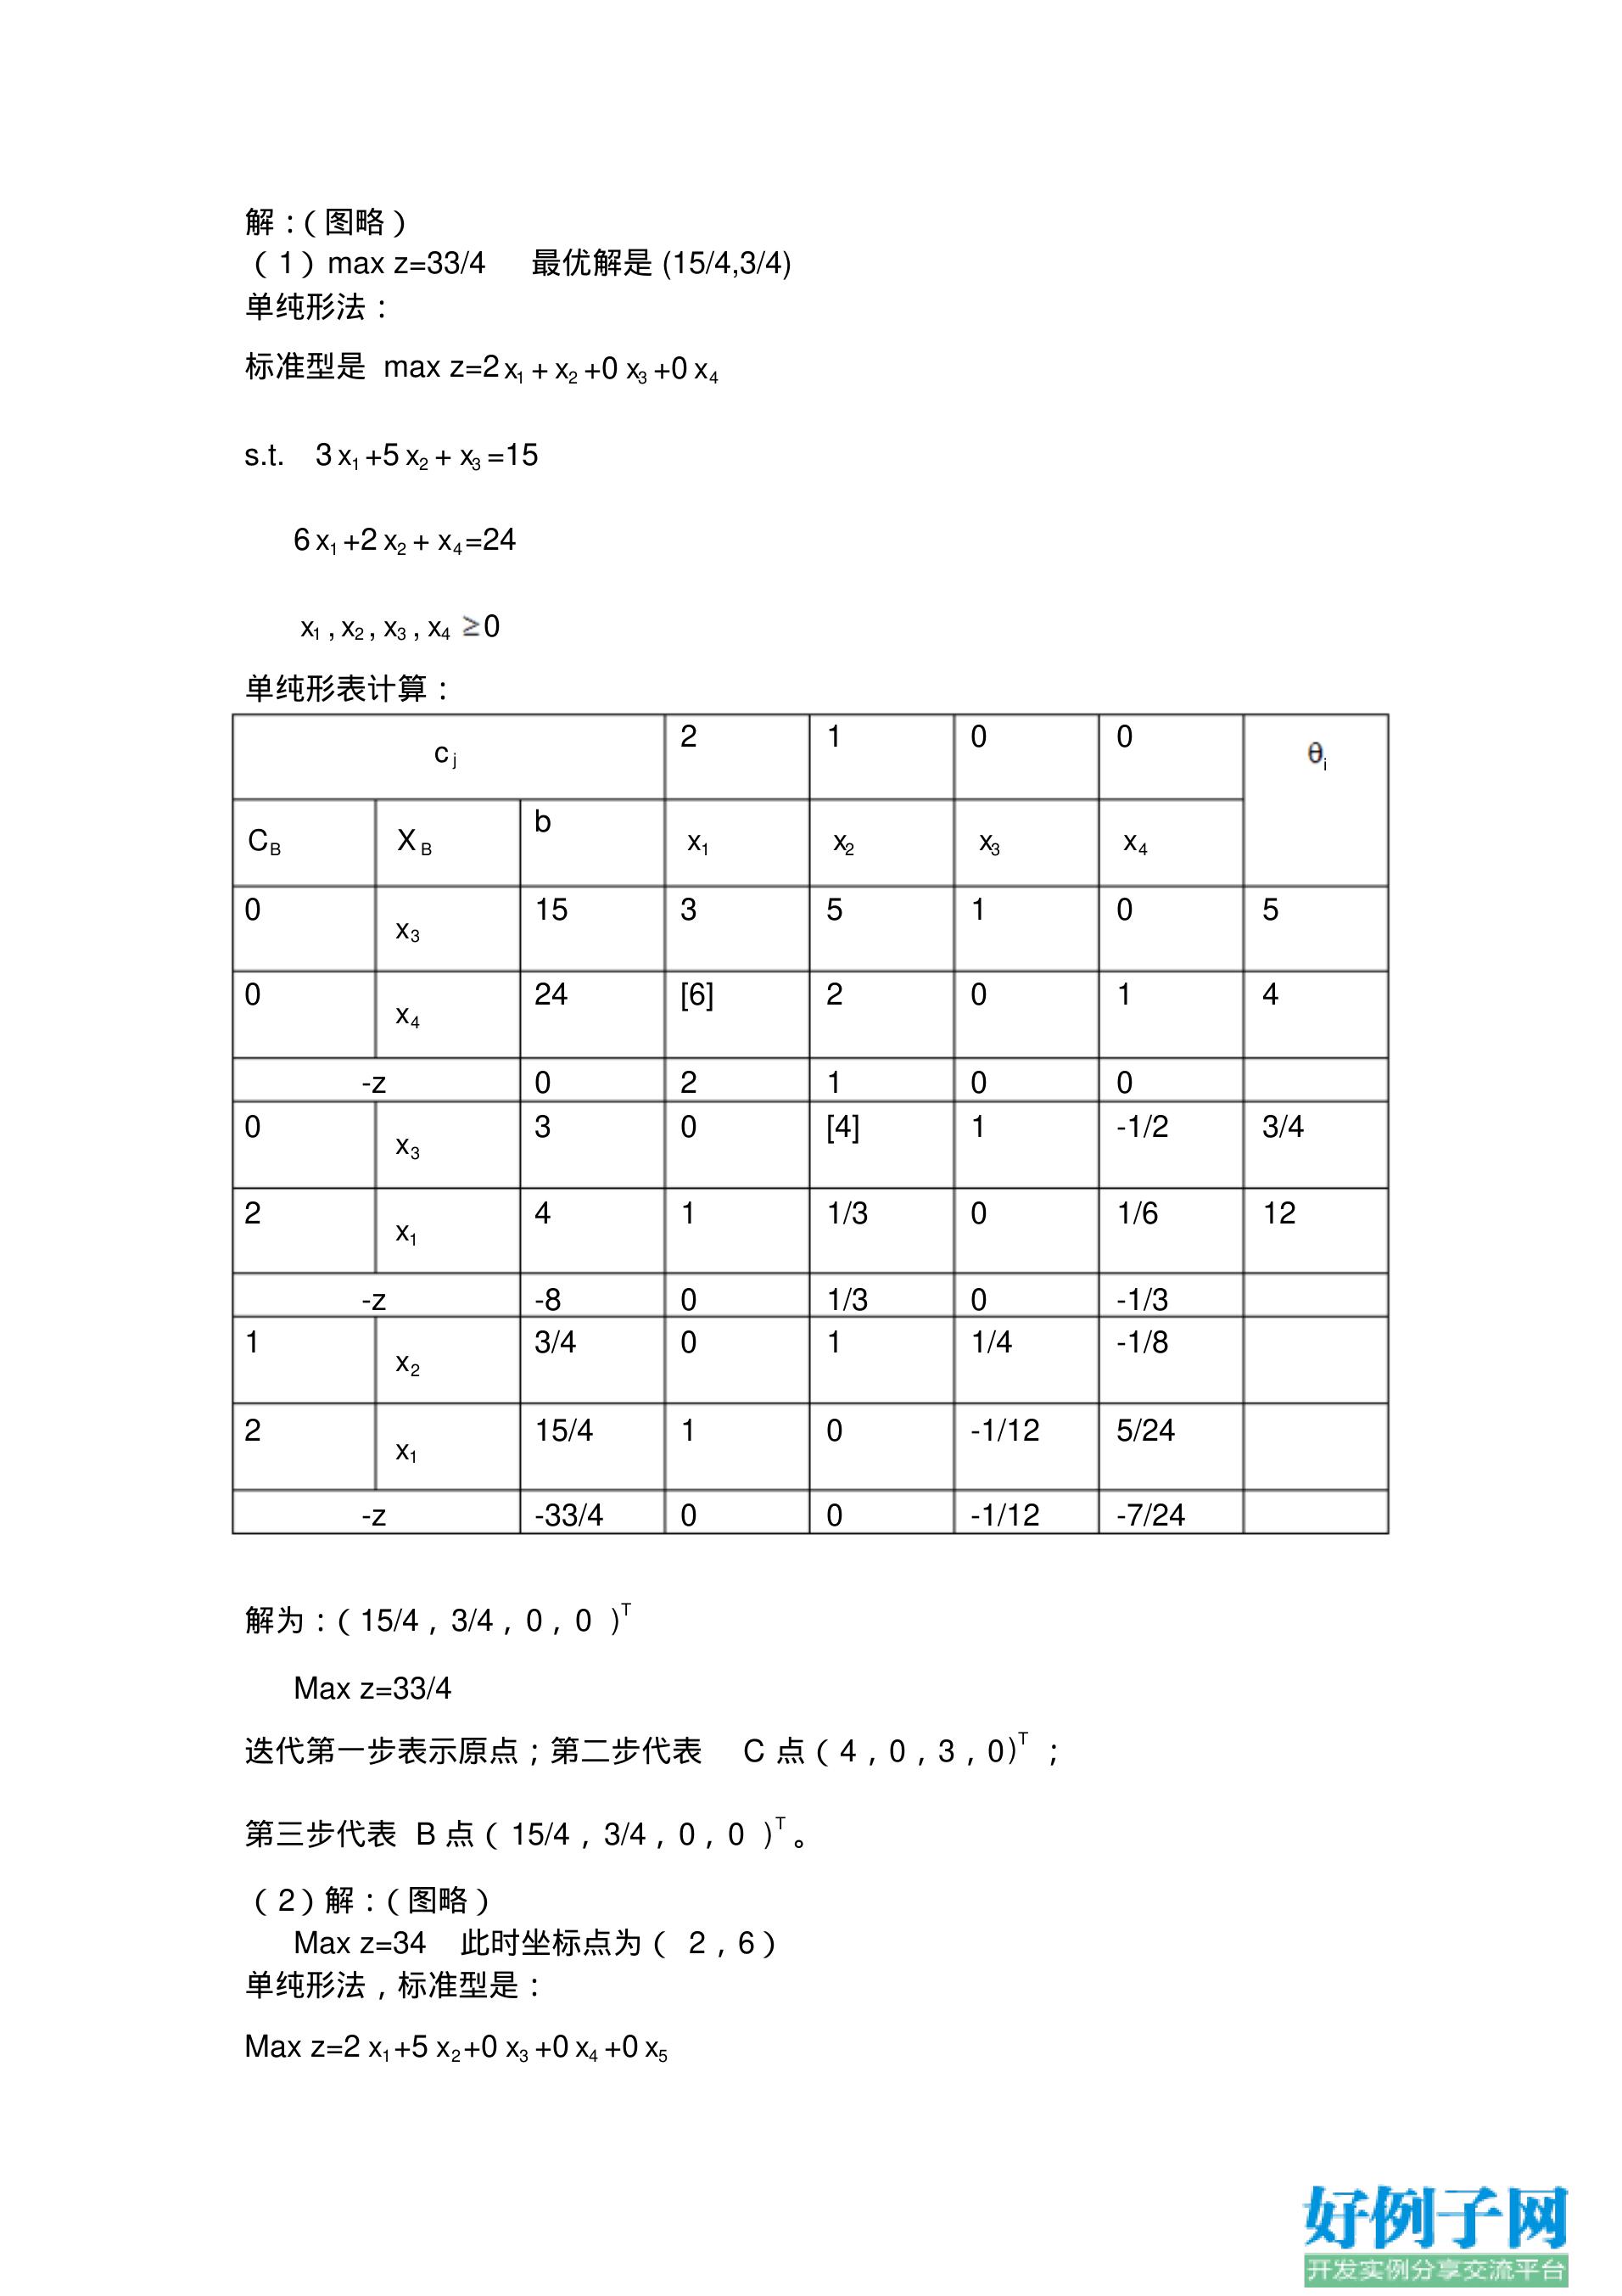 图书管理系统时序图_《运筹学》第五版答案.pdf - 开发实例、源码下载 - 好例子网